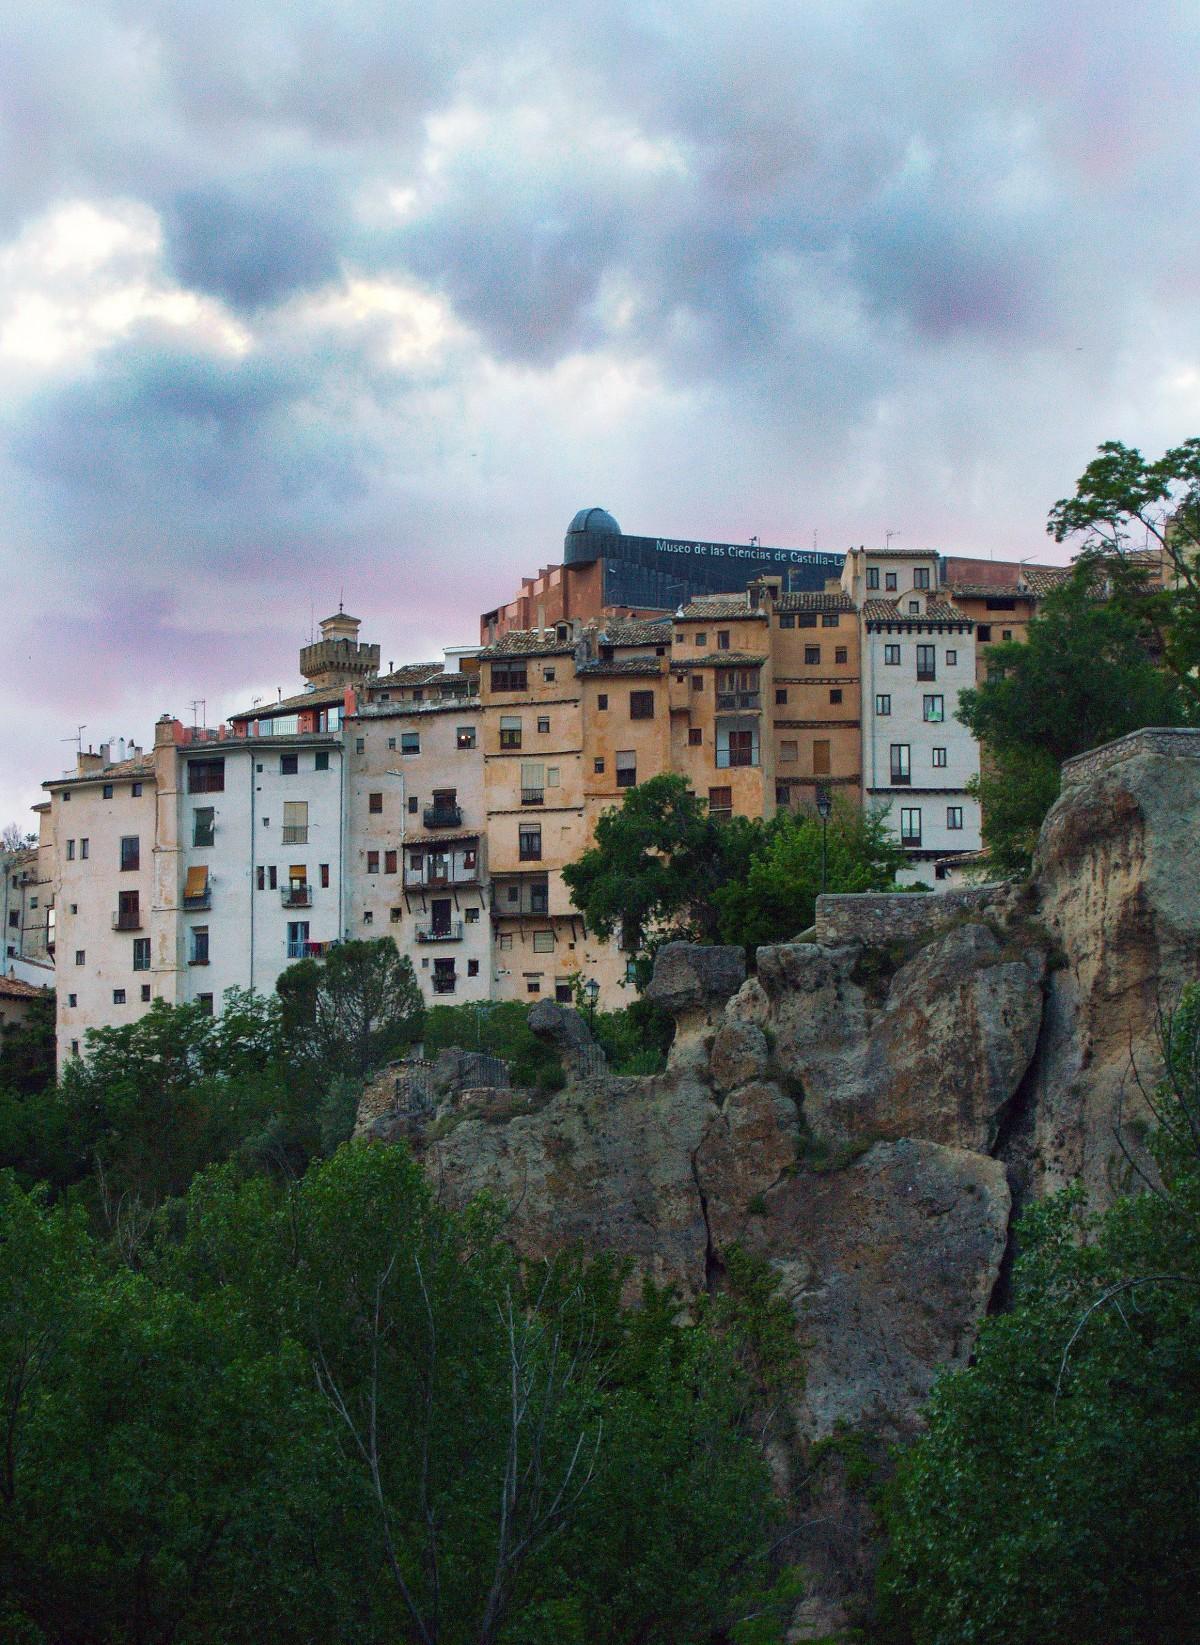 Fotos gratis puente noche pueblo paisaje urbano crep sculo m stico reflexi n castillo - Pueblos de espana que ofrecen casa y trabajo 2017 ...